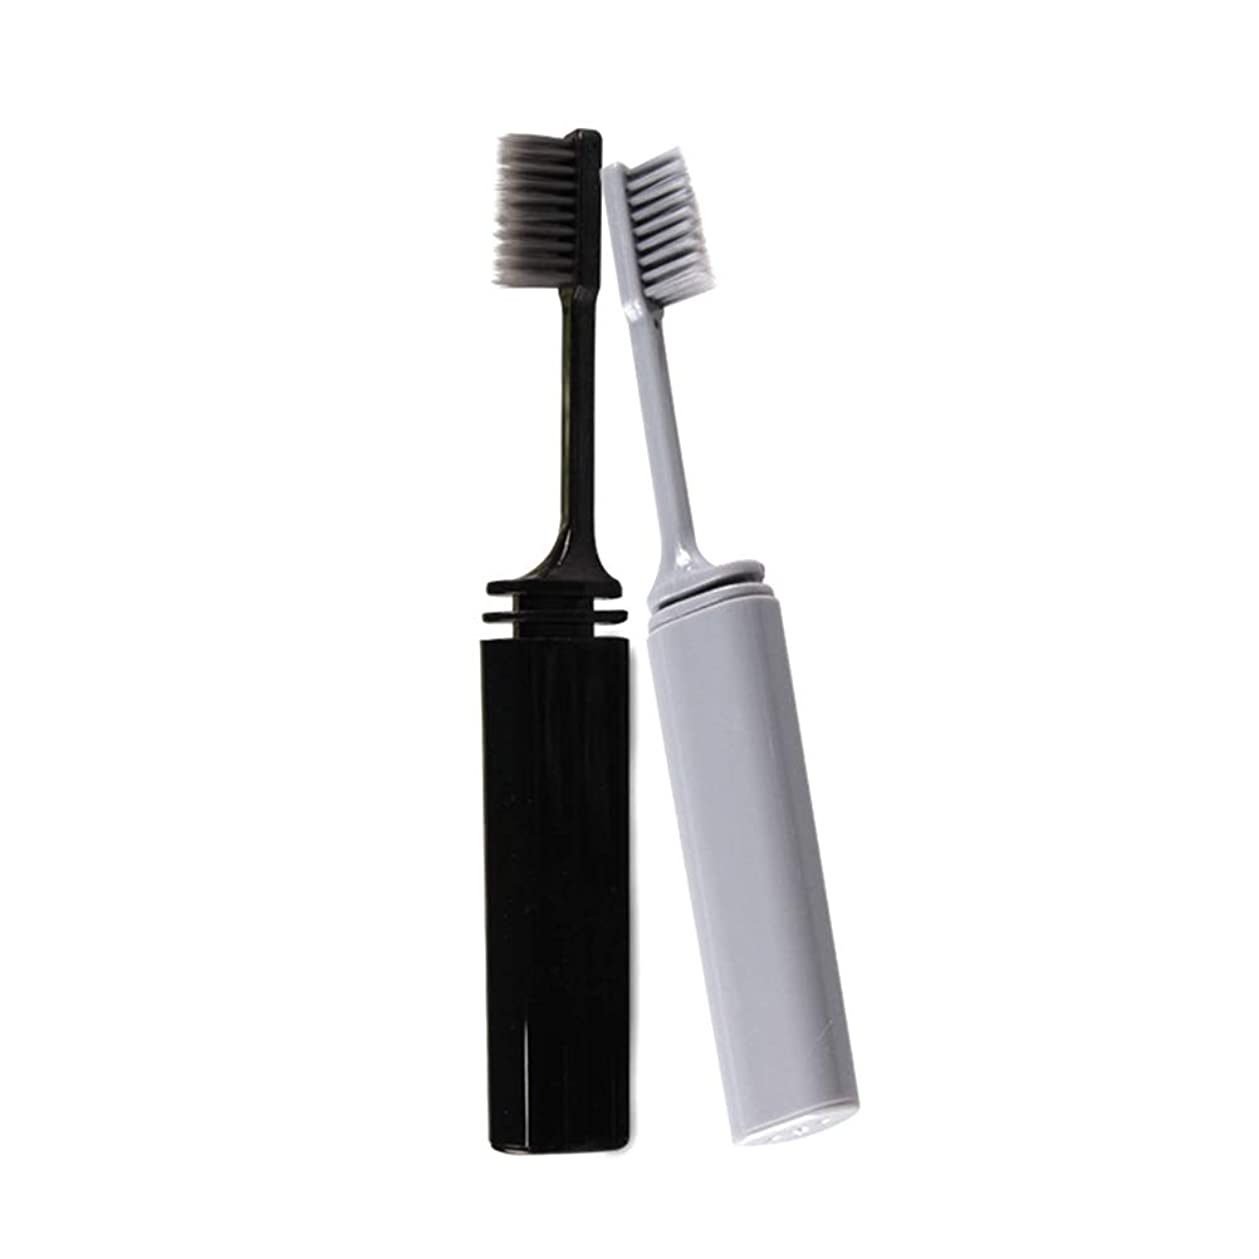 透過性先生高いSUPVOX 2本旅行歯ブラシポータブル折りたたみ竹炭柔らかい剛毛歯ブラシ(グレーブラック)